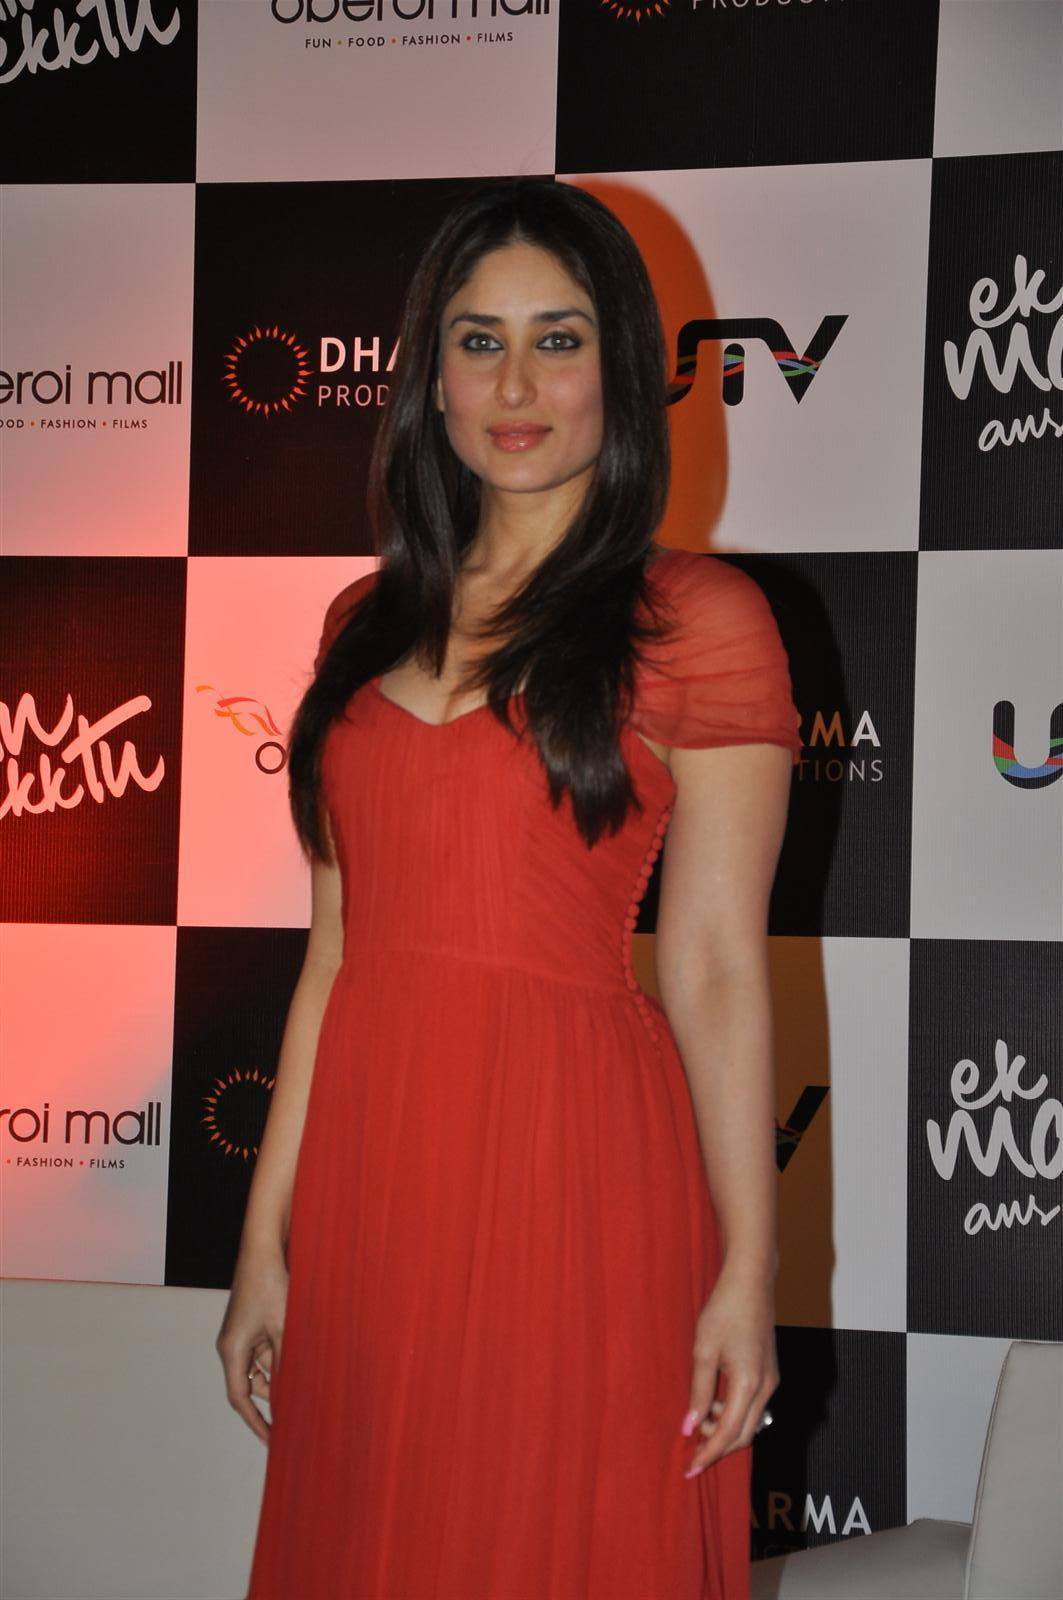 Kareena Kapoor In Red Dress – Santabanta.com